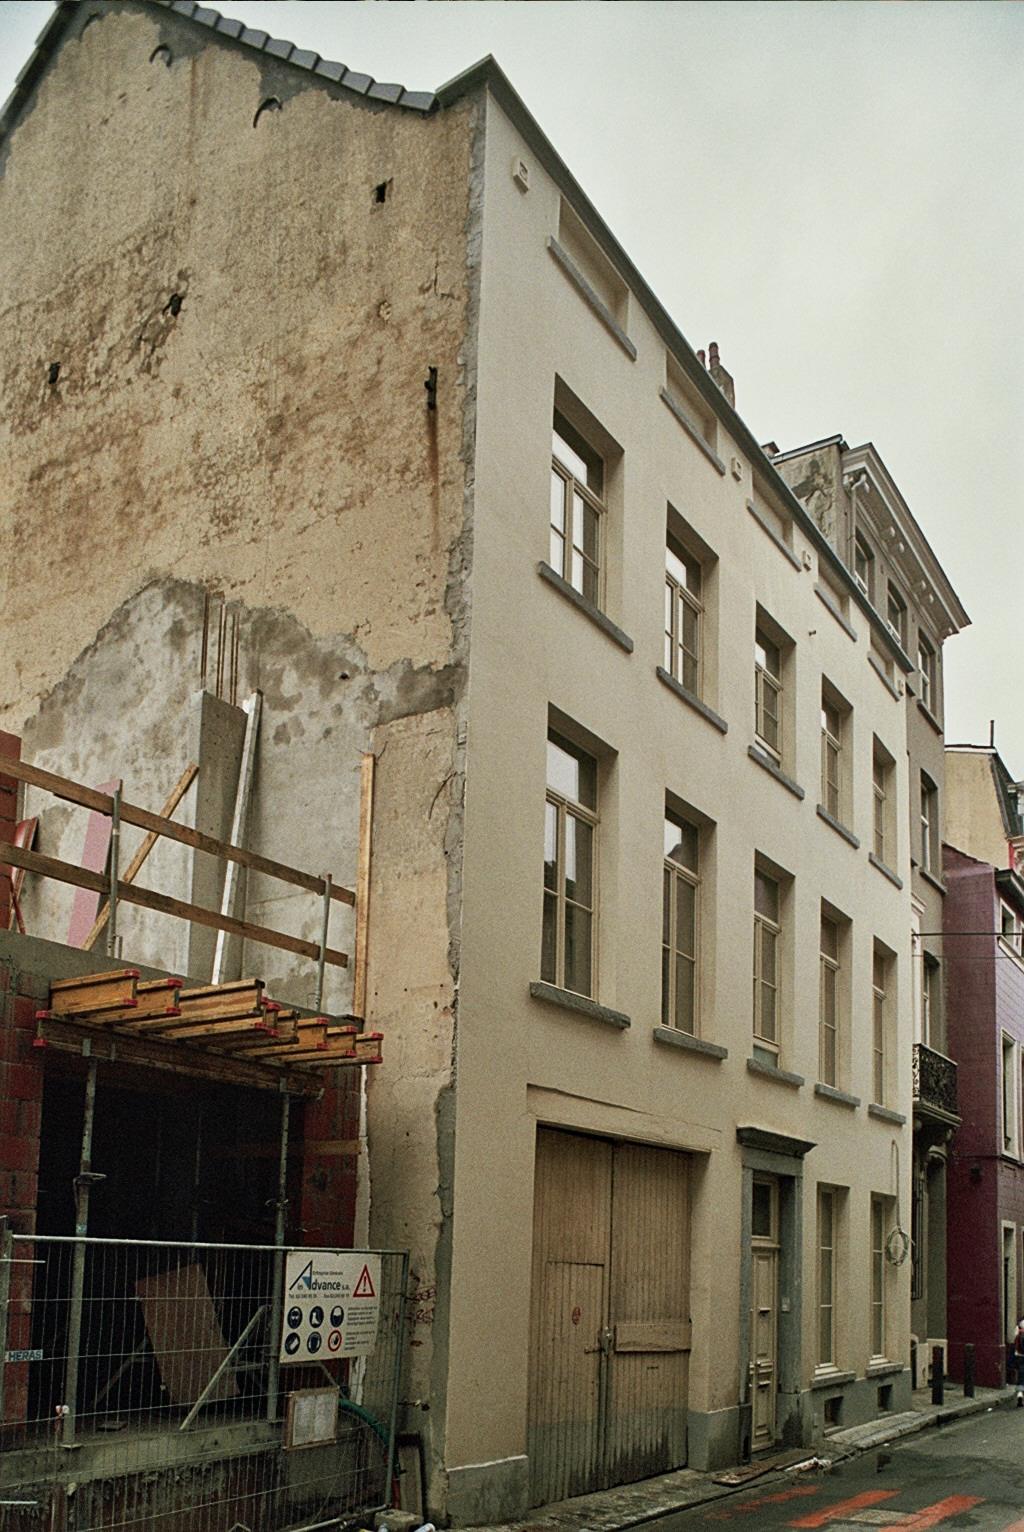 Rue du Berger 25-23., 2009